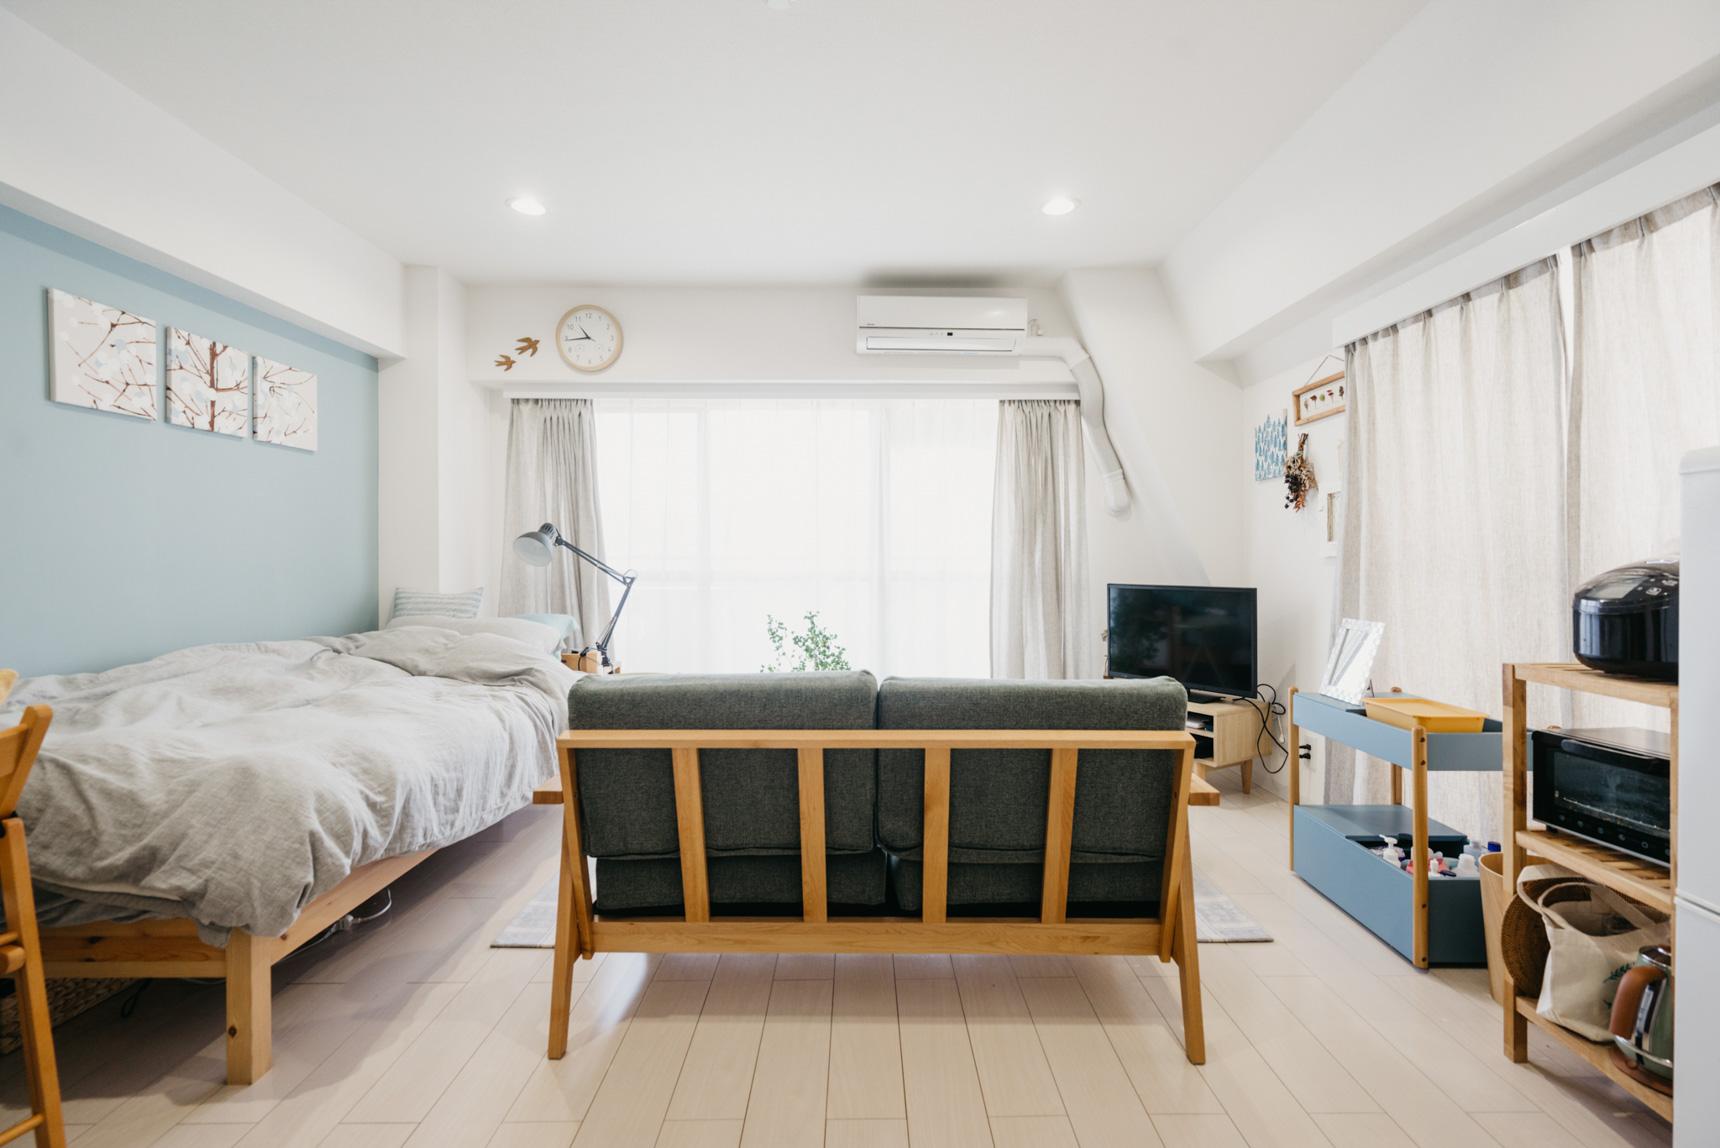 定期的に模様替えをして、インテリアの位置を変えるのも良いでしょう。部屋の広さ的に難しい場合は、ソファやベッド、テレビ台などは足つきのものにして風通しを良くすることもおすすめです。(このお部屋はこちら)[/caption]